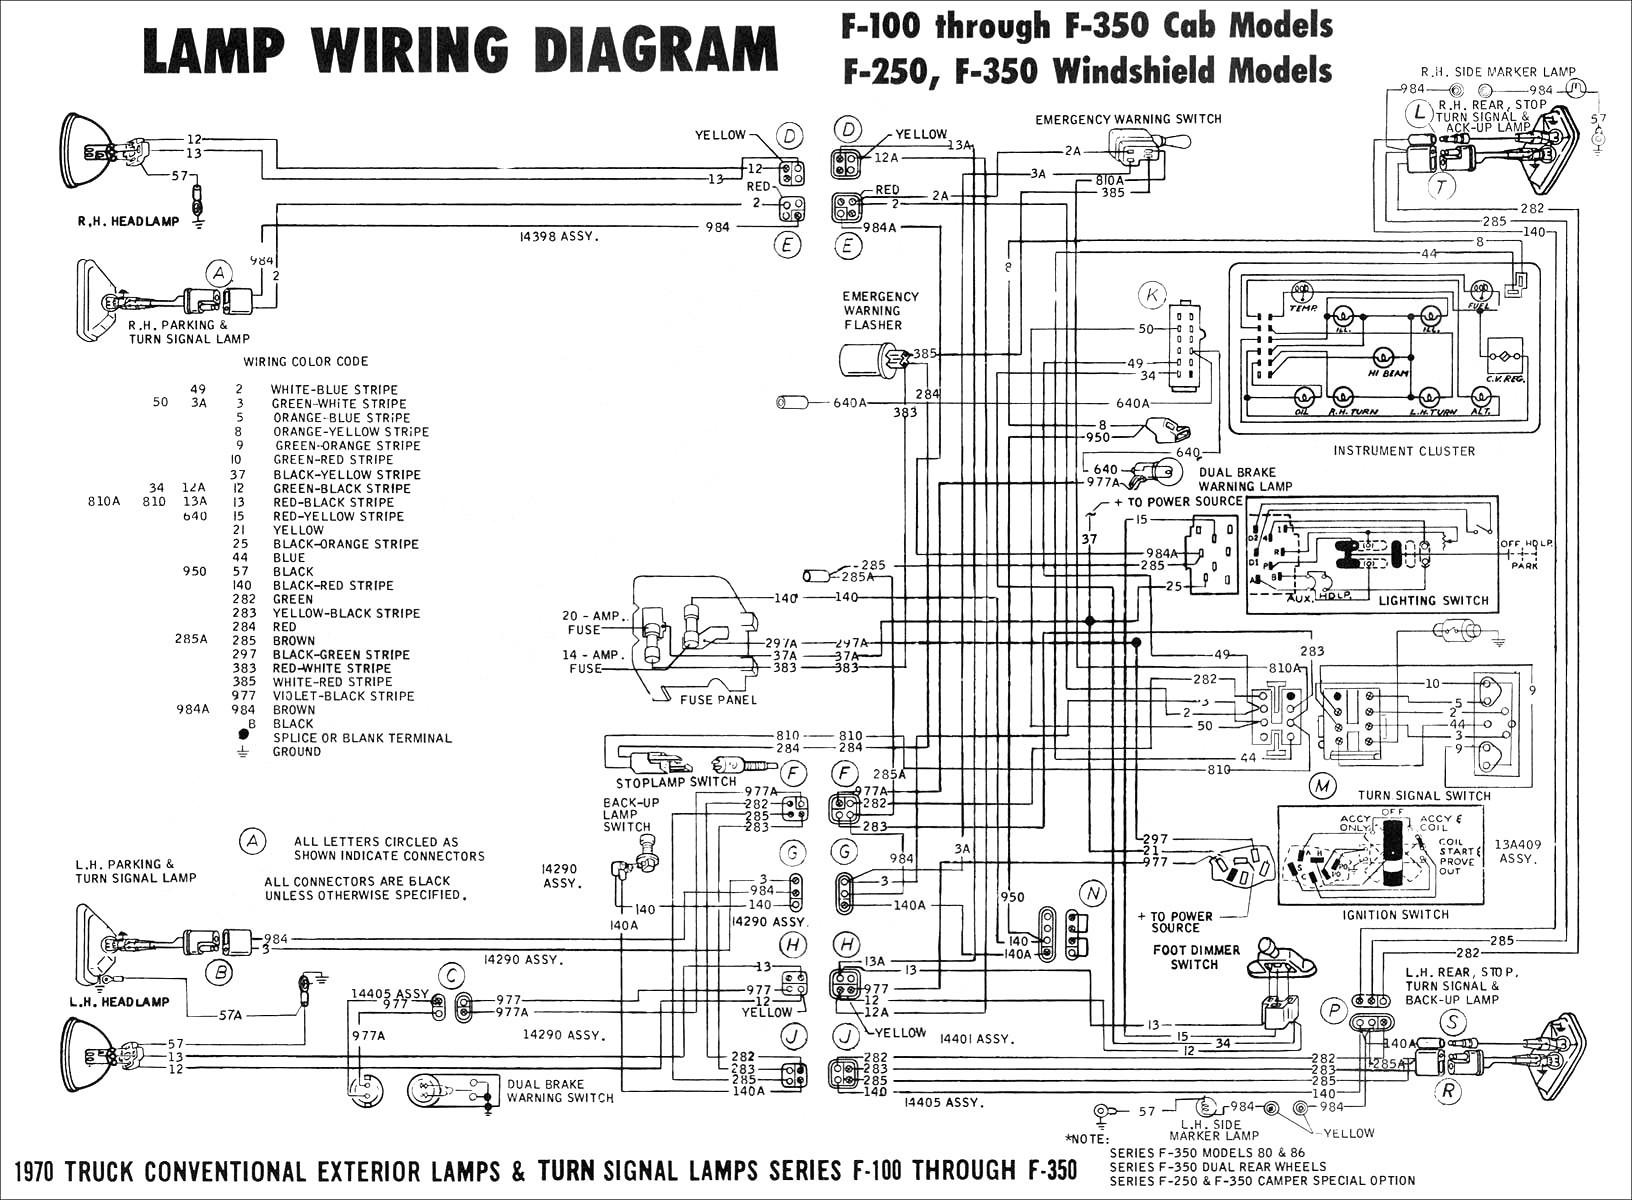 Sinpac Switch Wiring Diagram